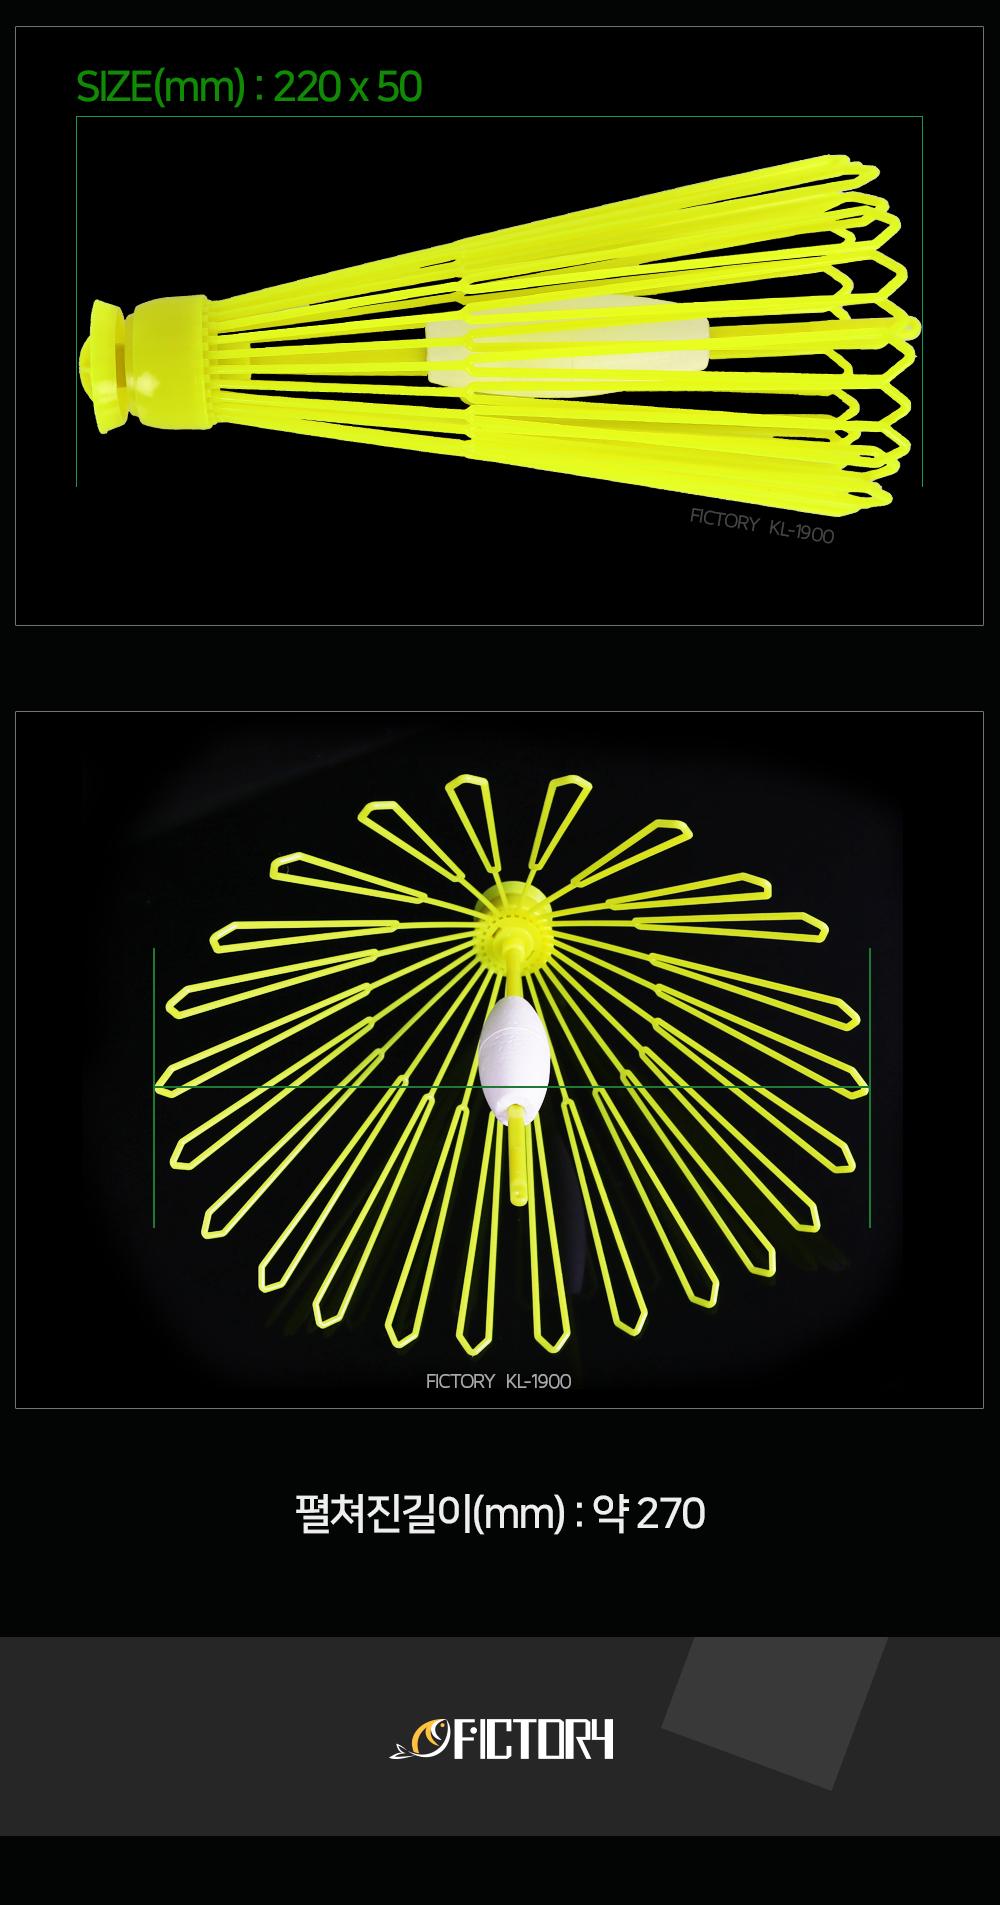 픽토리 원터치 찌 회수기 FIC-OTH01 (바다구멍찌/막대찌 회수기) 찌회수기 구멍찌회수기 구멍찌건지게 찌건지개 찌건지게 바다찌건지게 바다찌회수기